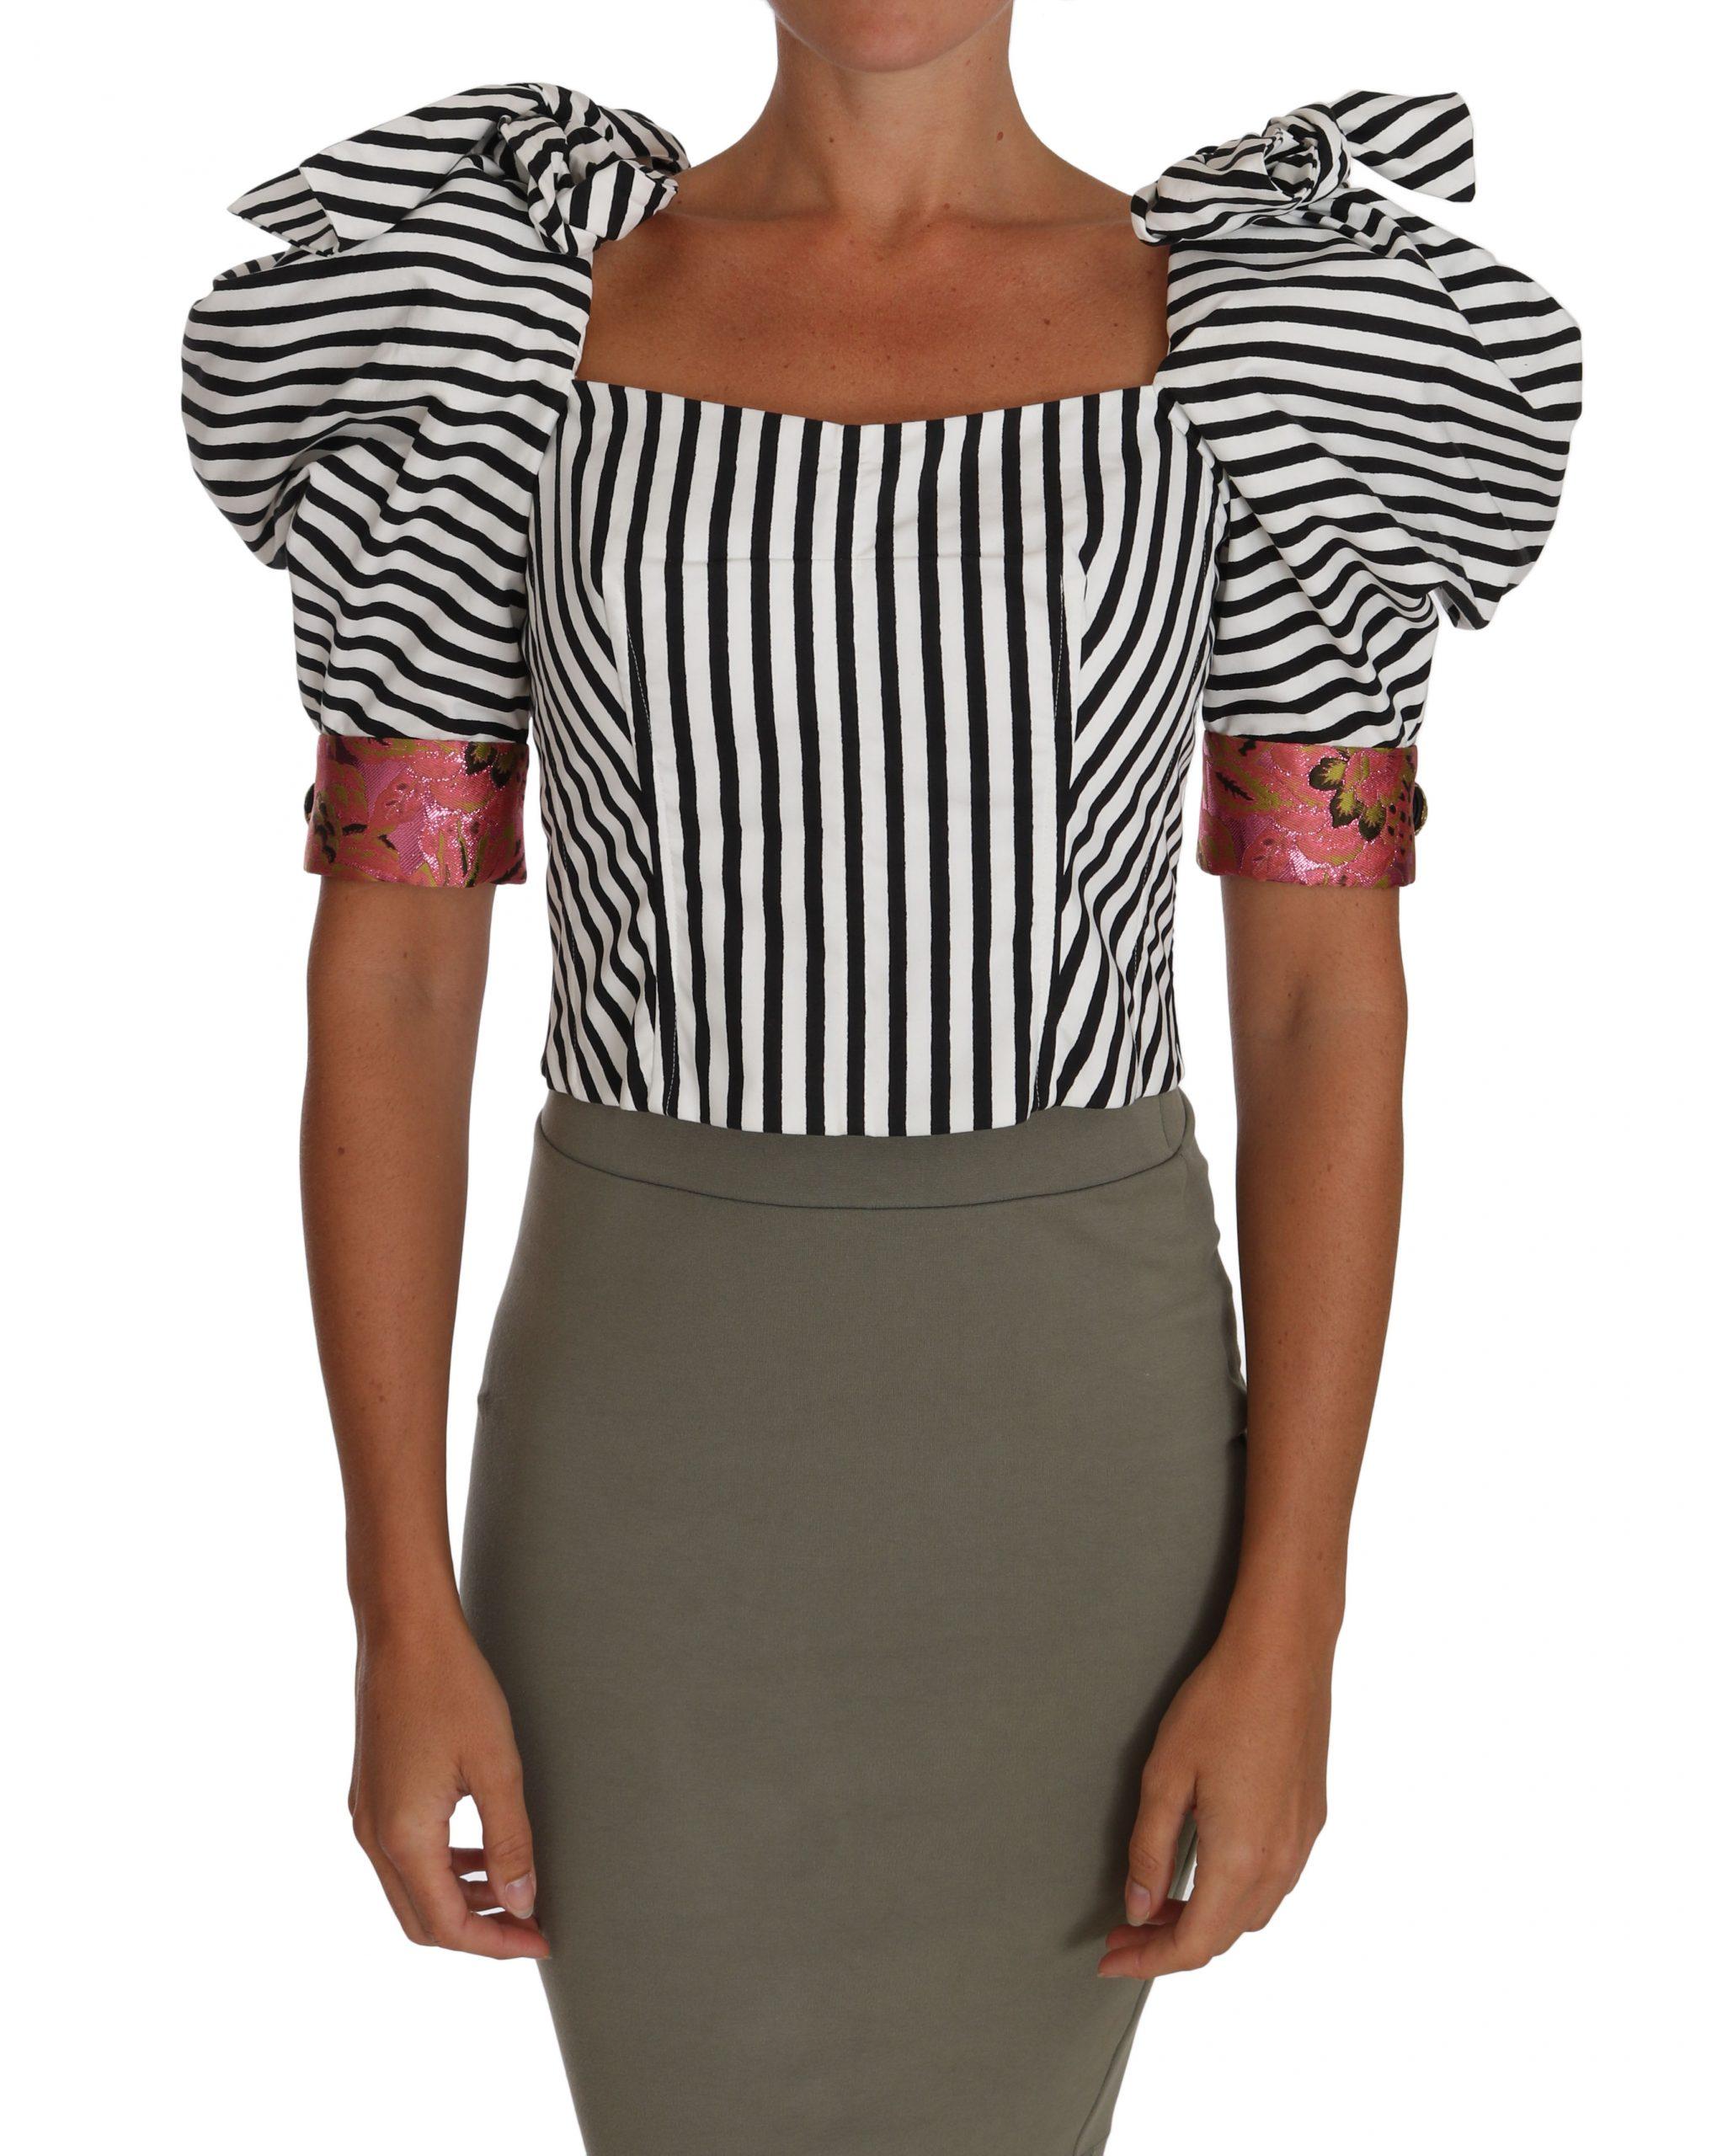 Dolce & Gabbana Women's Cropped Style Tops Black/White TSH2724 - IT38|XS